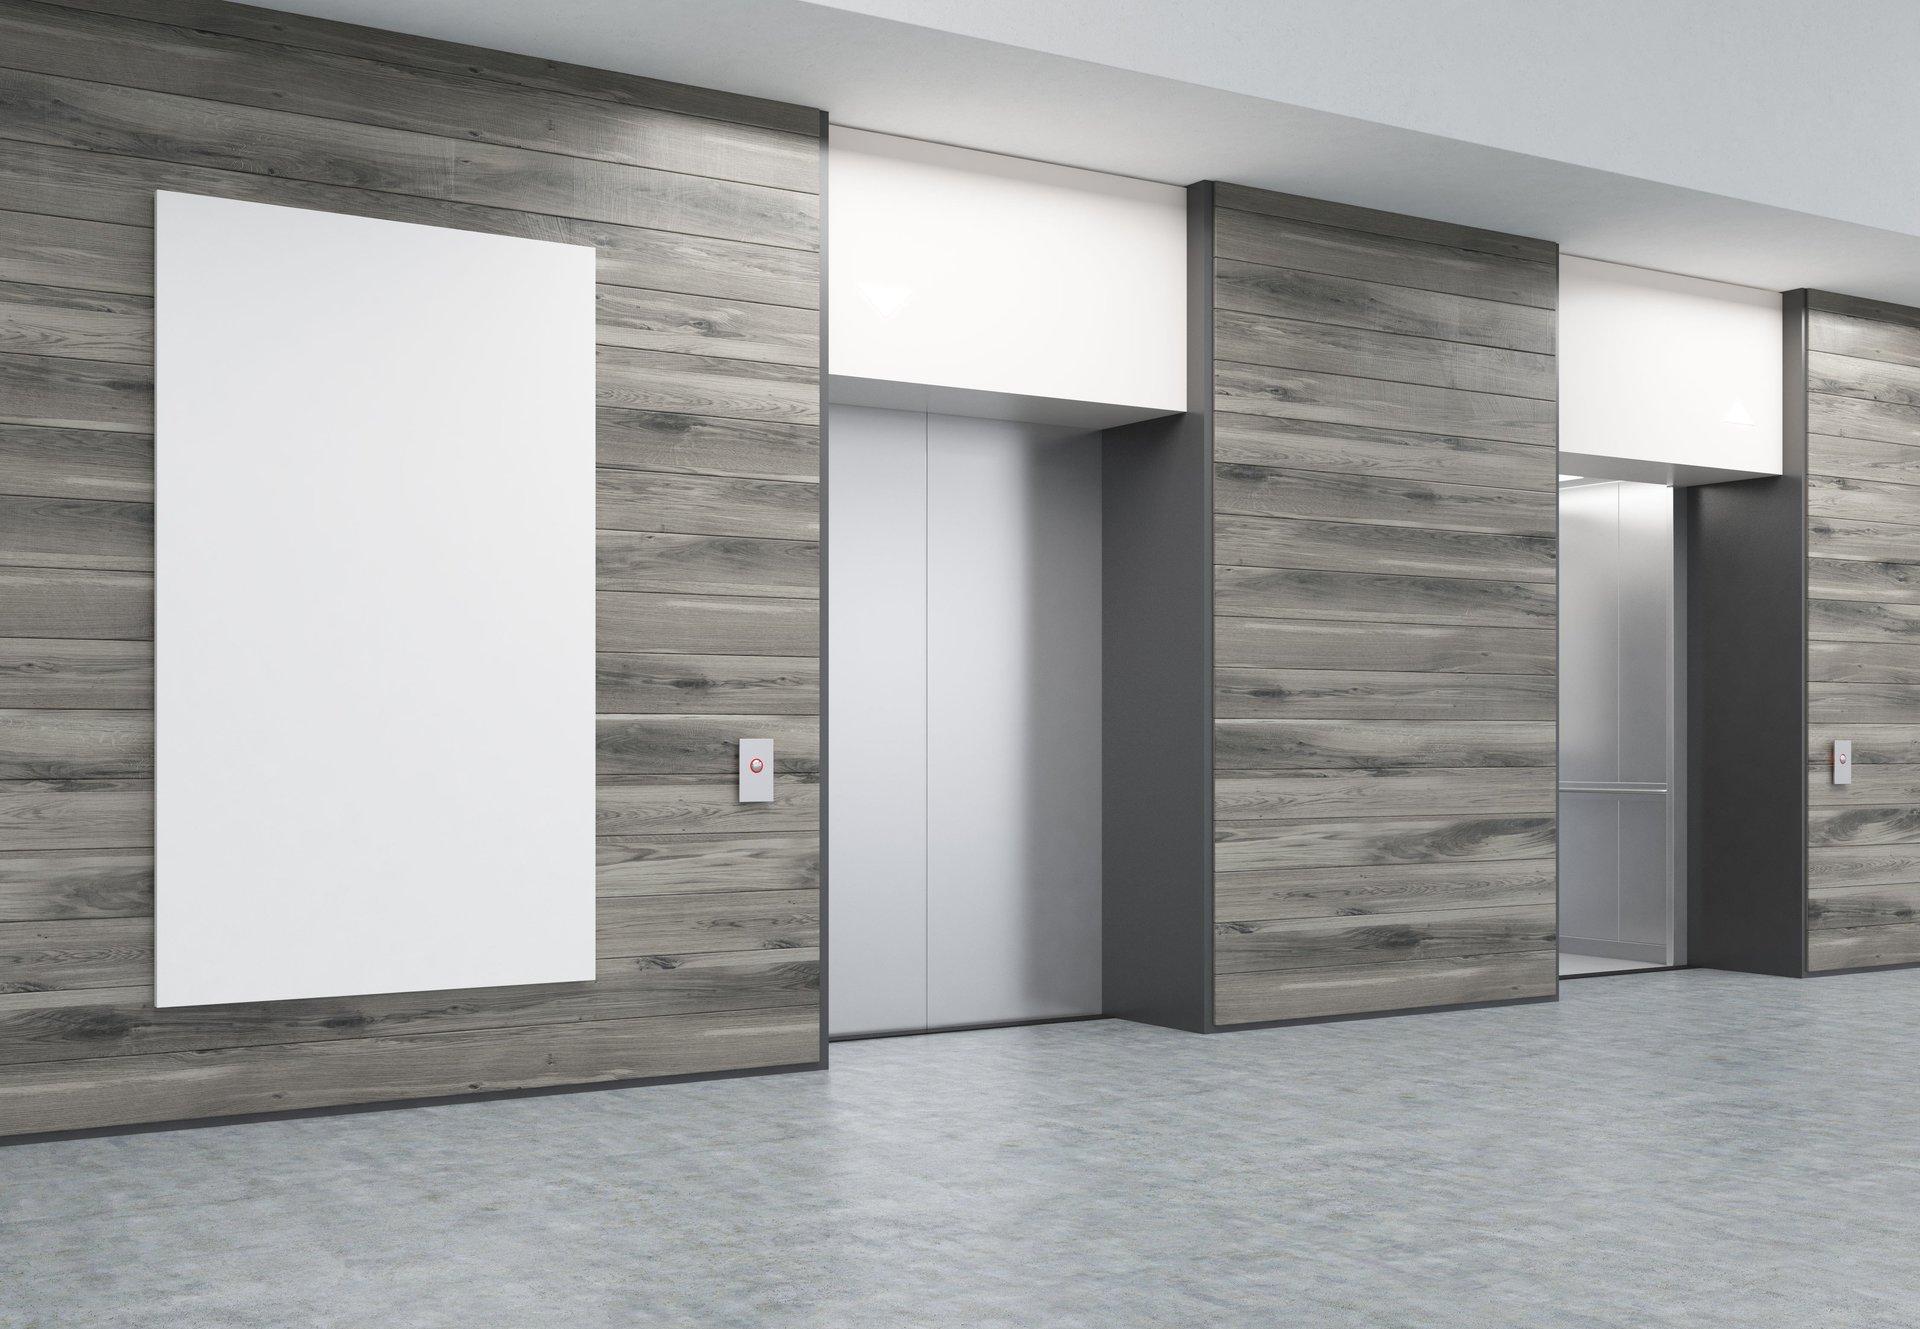 Stanza con pavimento grigio e 2 ascensori